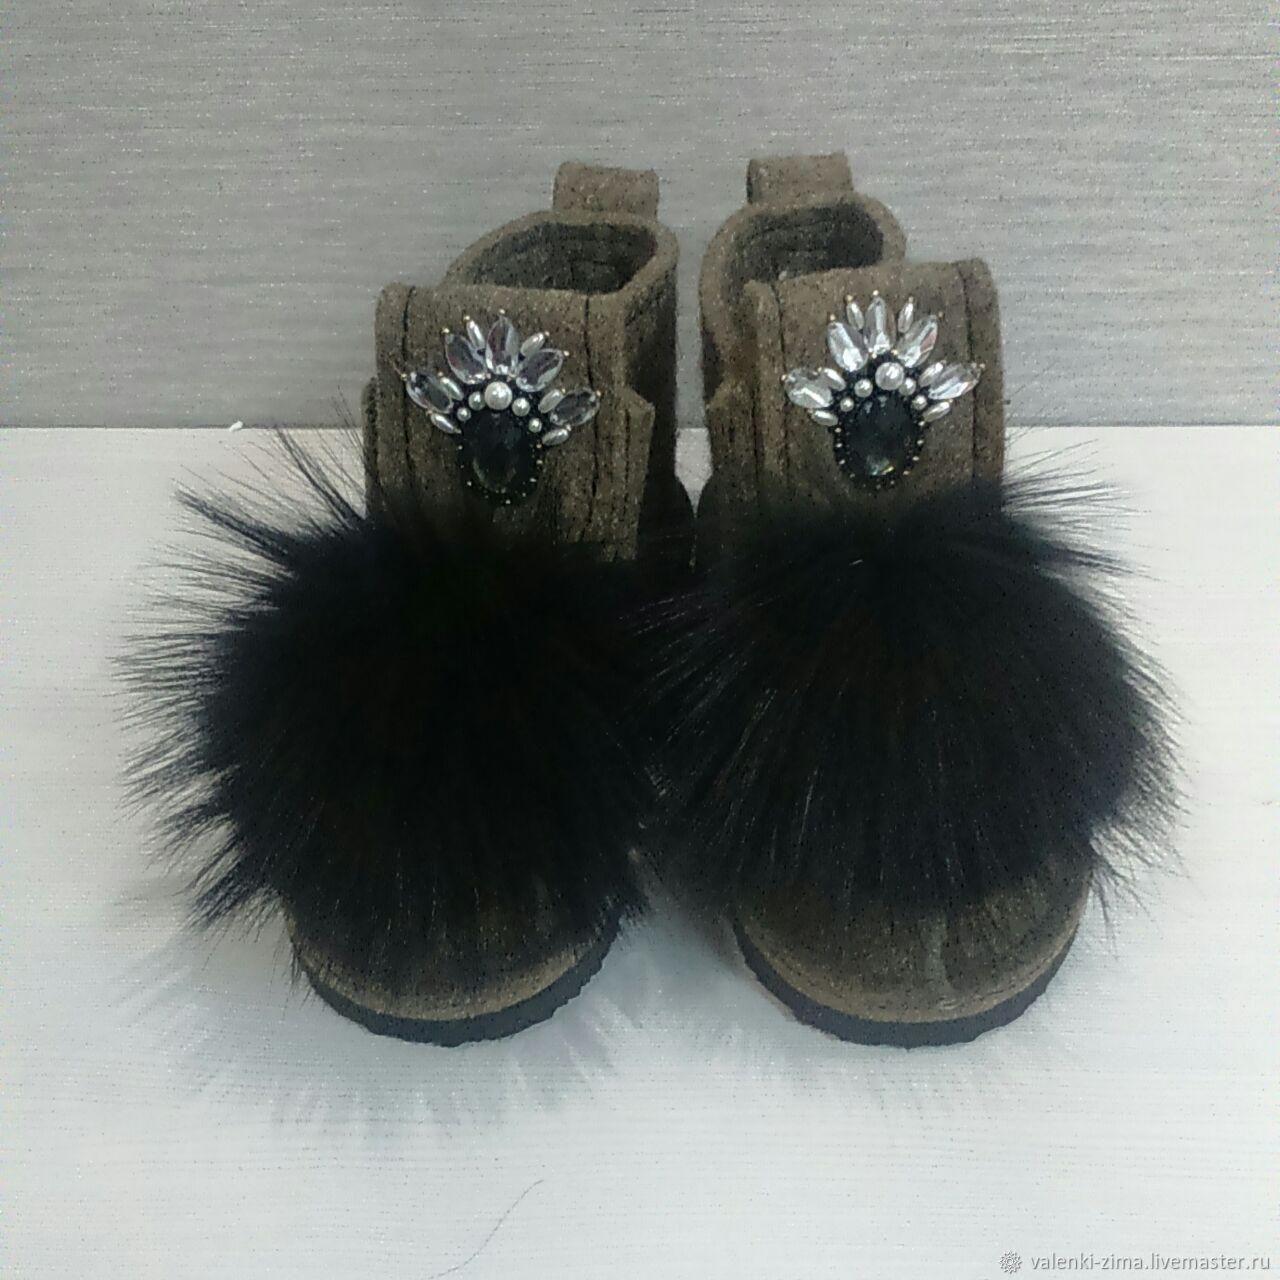 Обувь ручной работы. Ярмарка Мастеров - ручная работа. Купить Валенки ZIMA. Handmade. Бежевый, валенки, угги, валенки с вышивкой